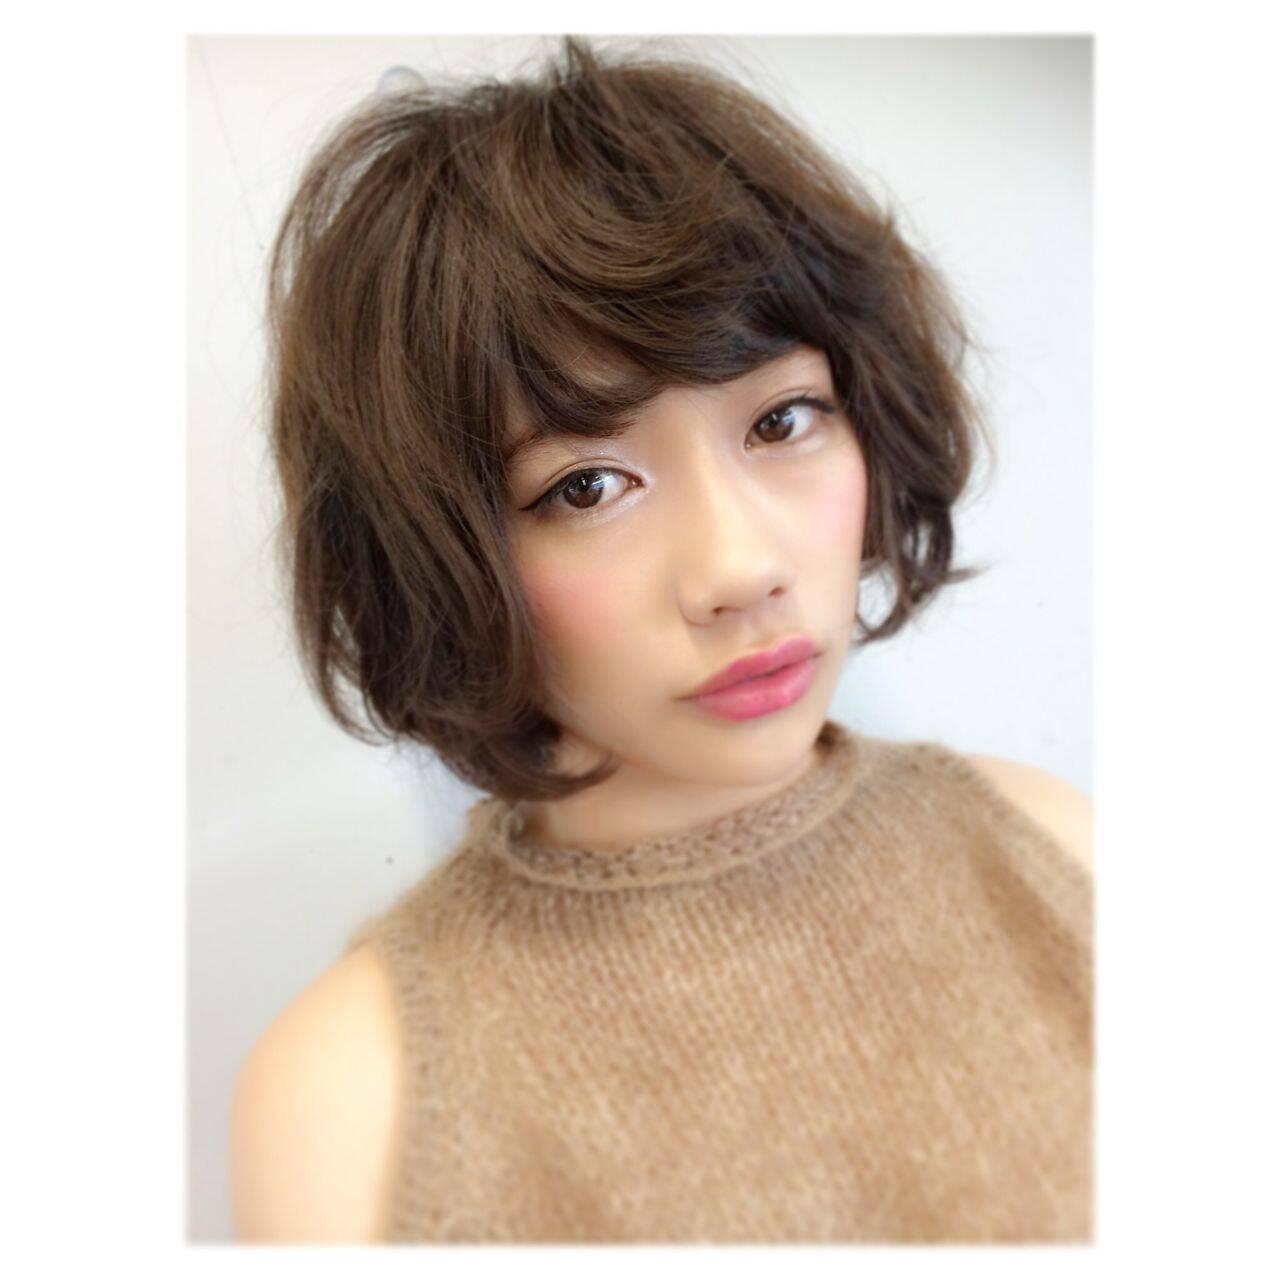 ウェーブ コンサバ ショート フェミニンヘアスタイルや髪型の写真・画像